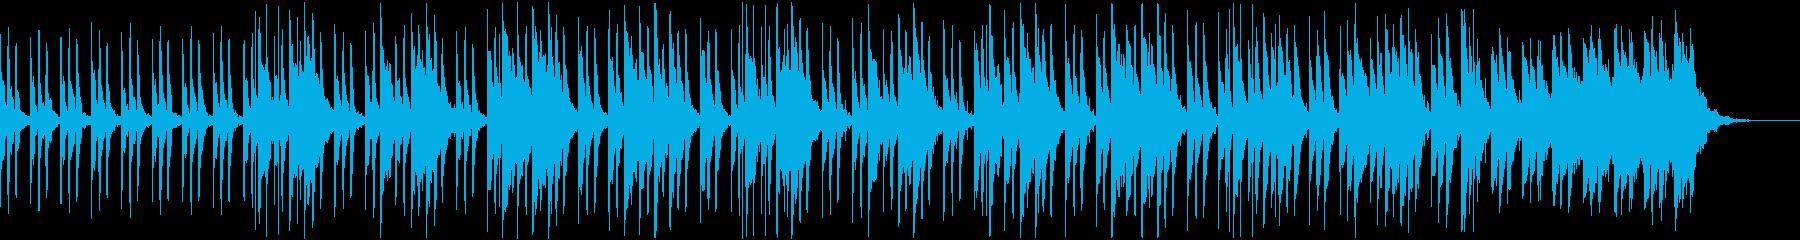 トイピアノとマリンバの奇妙なBGMの再生済みの波形